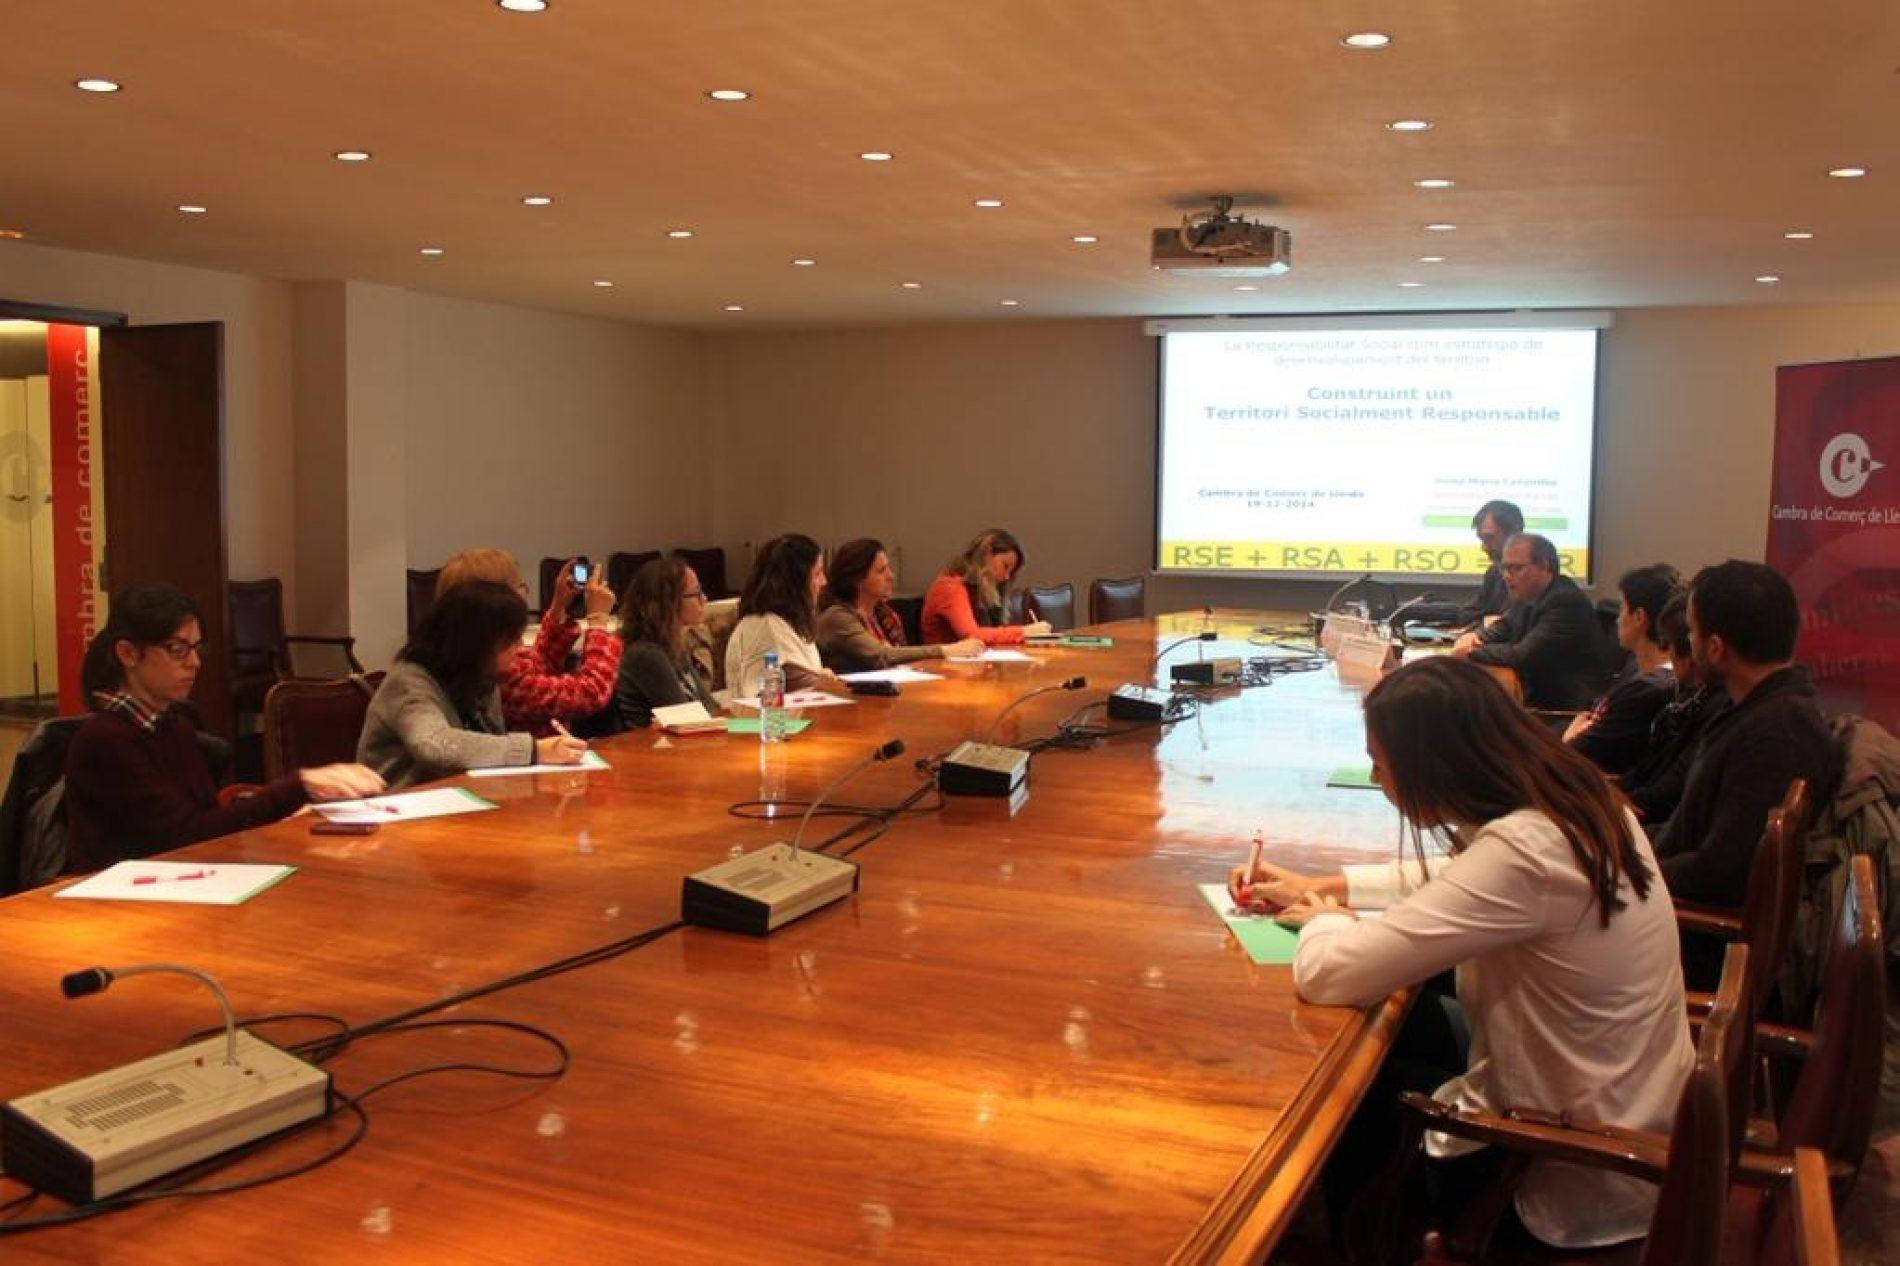 Va tenir lloc la jornada sobre Territori Socialment Responsable a Lleida